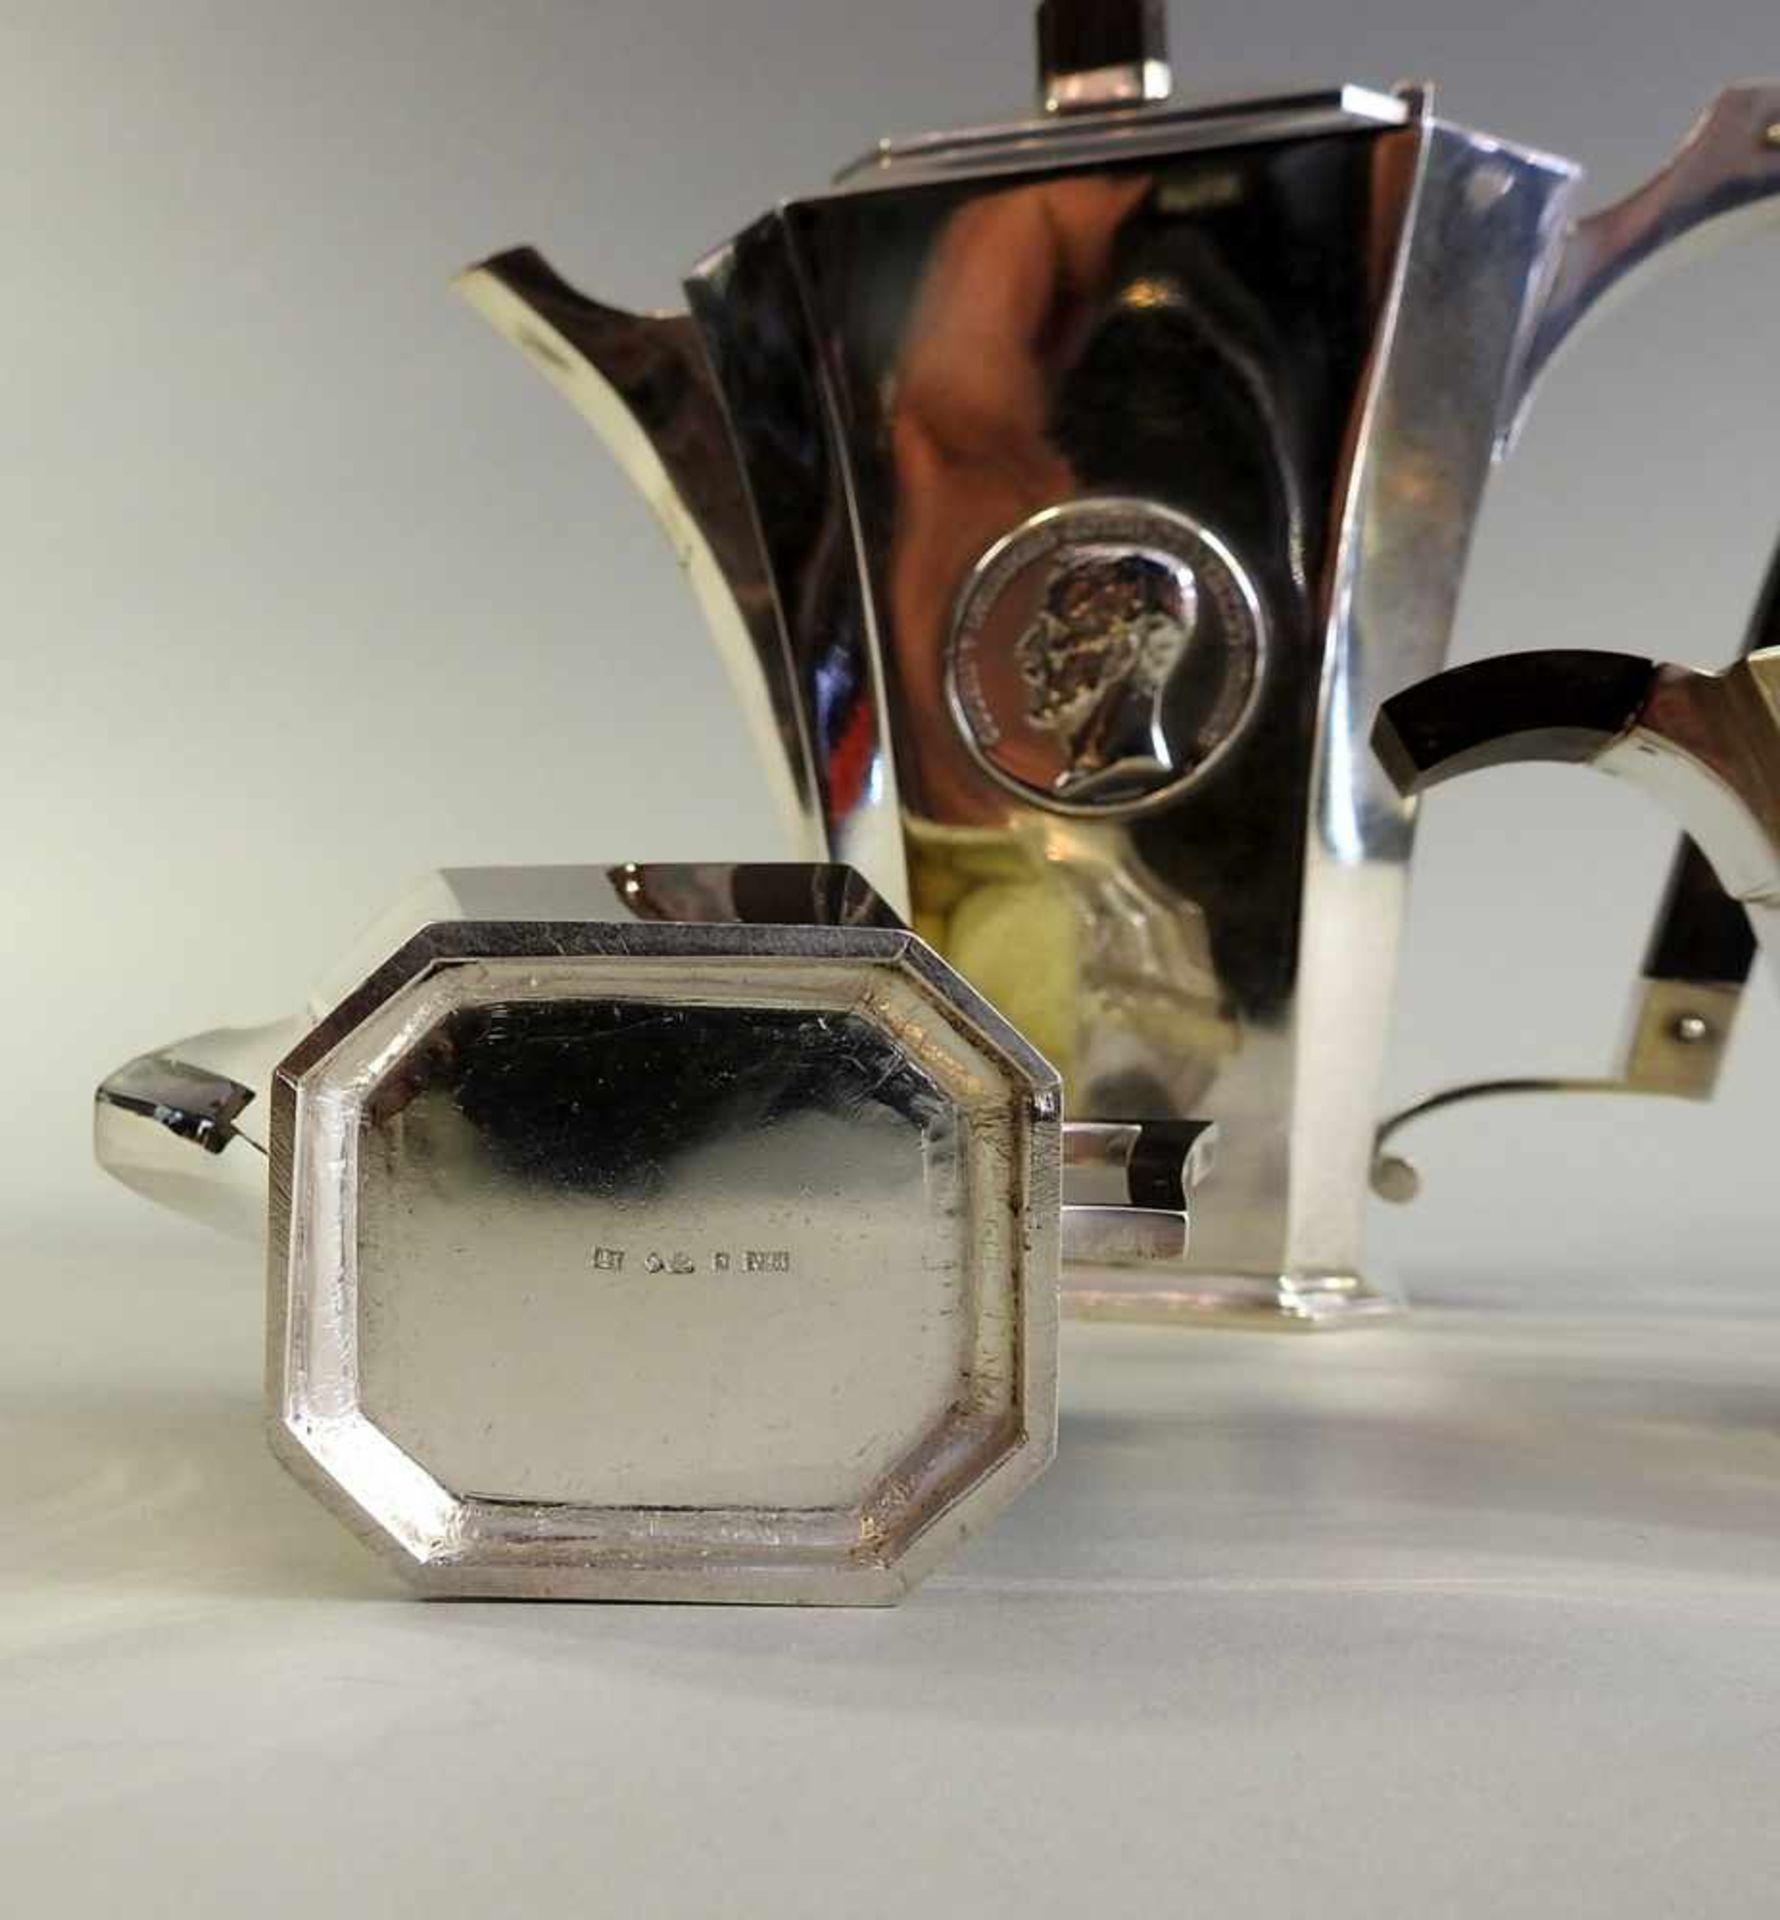 Los 7 - Dreiteiliges Tee/Kaffeeservice Silber 830, alle drei Teile haben die Meistermarke EKJ, S in einem